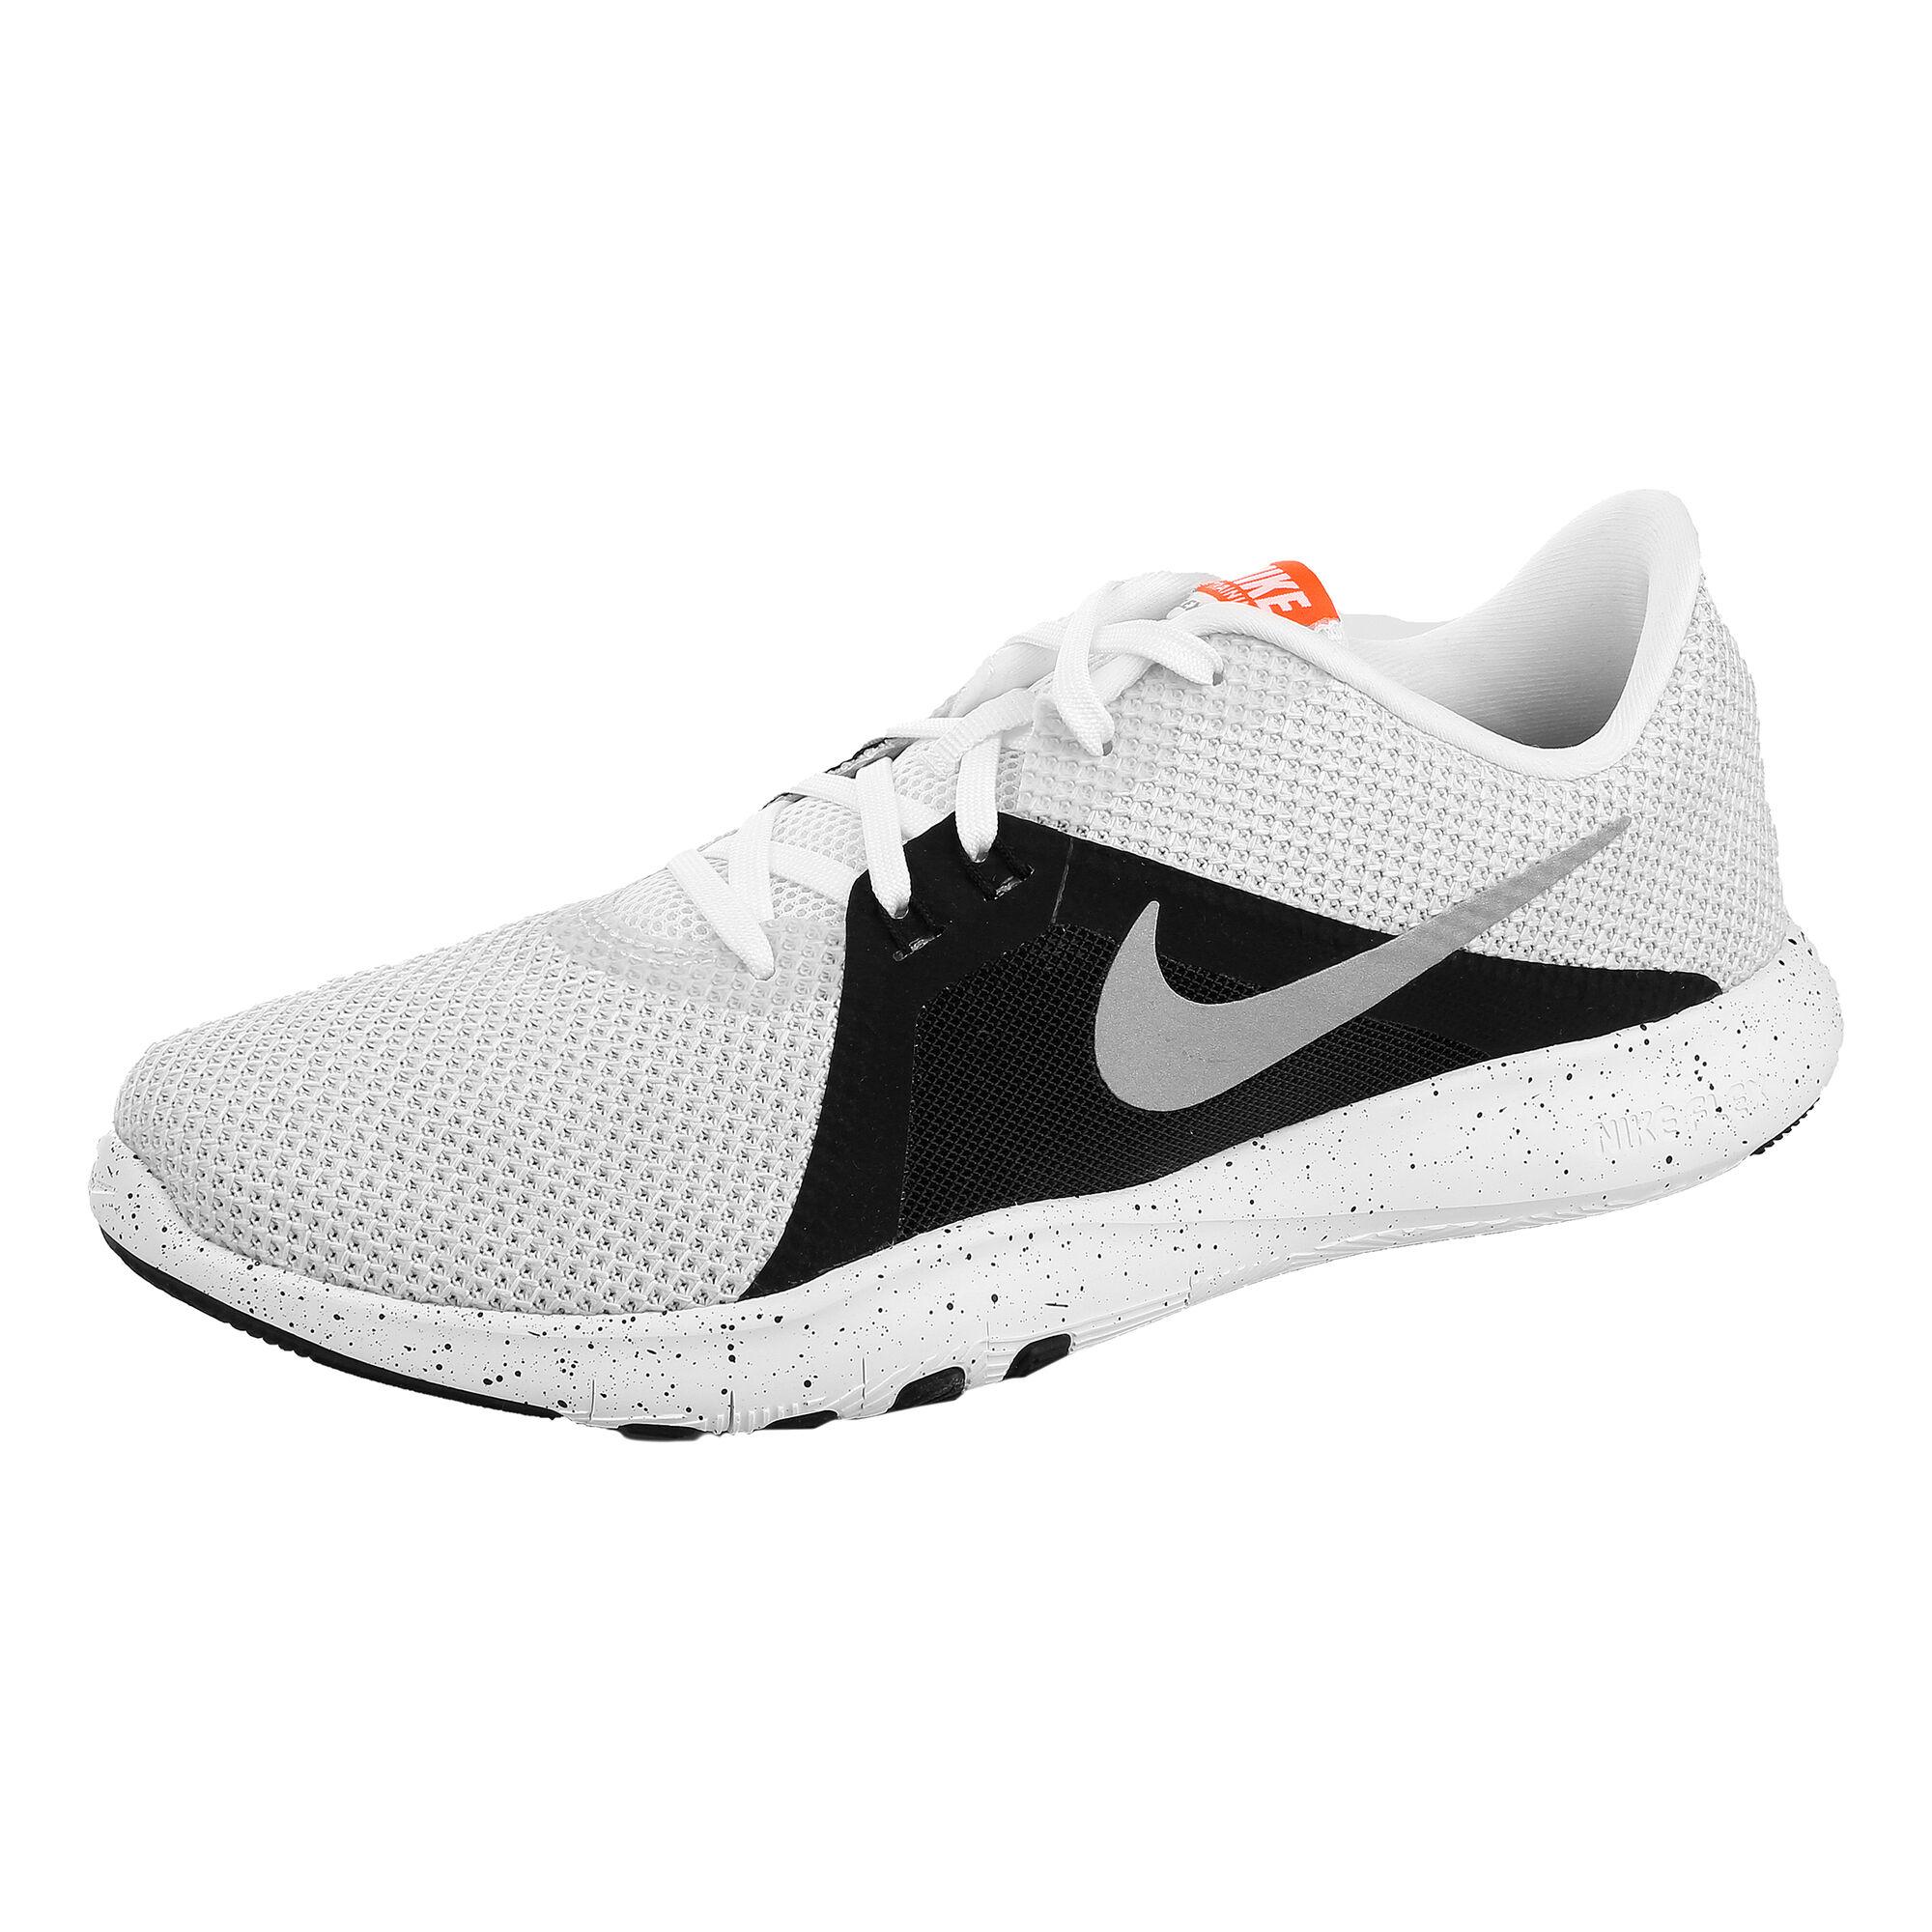 18c57600c4bb05 Nike · Nike · Nike · Nike · Nike. Flex 8 Training Shoe Women ...